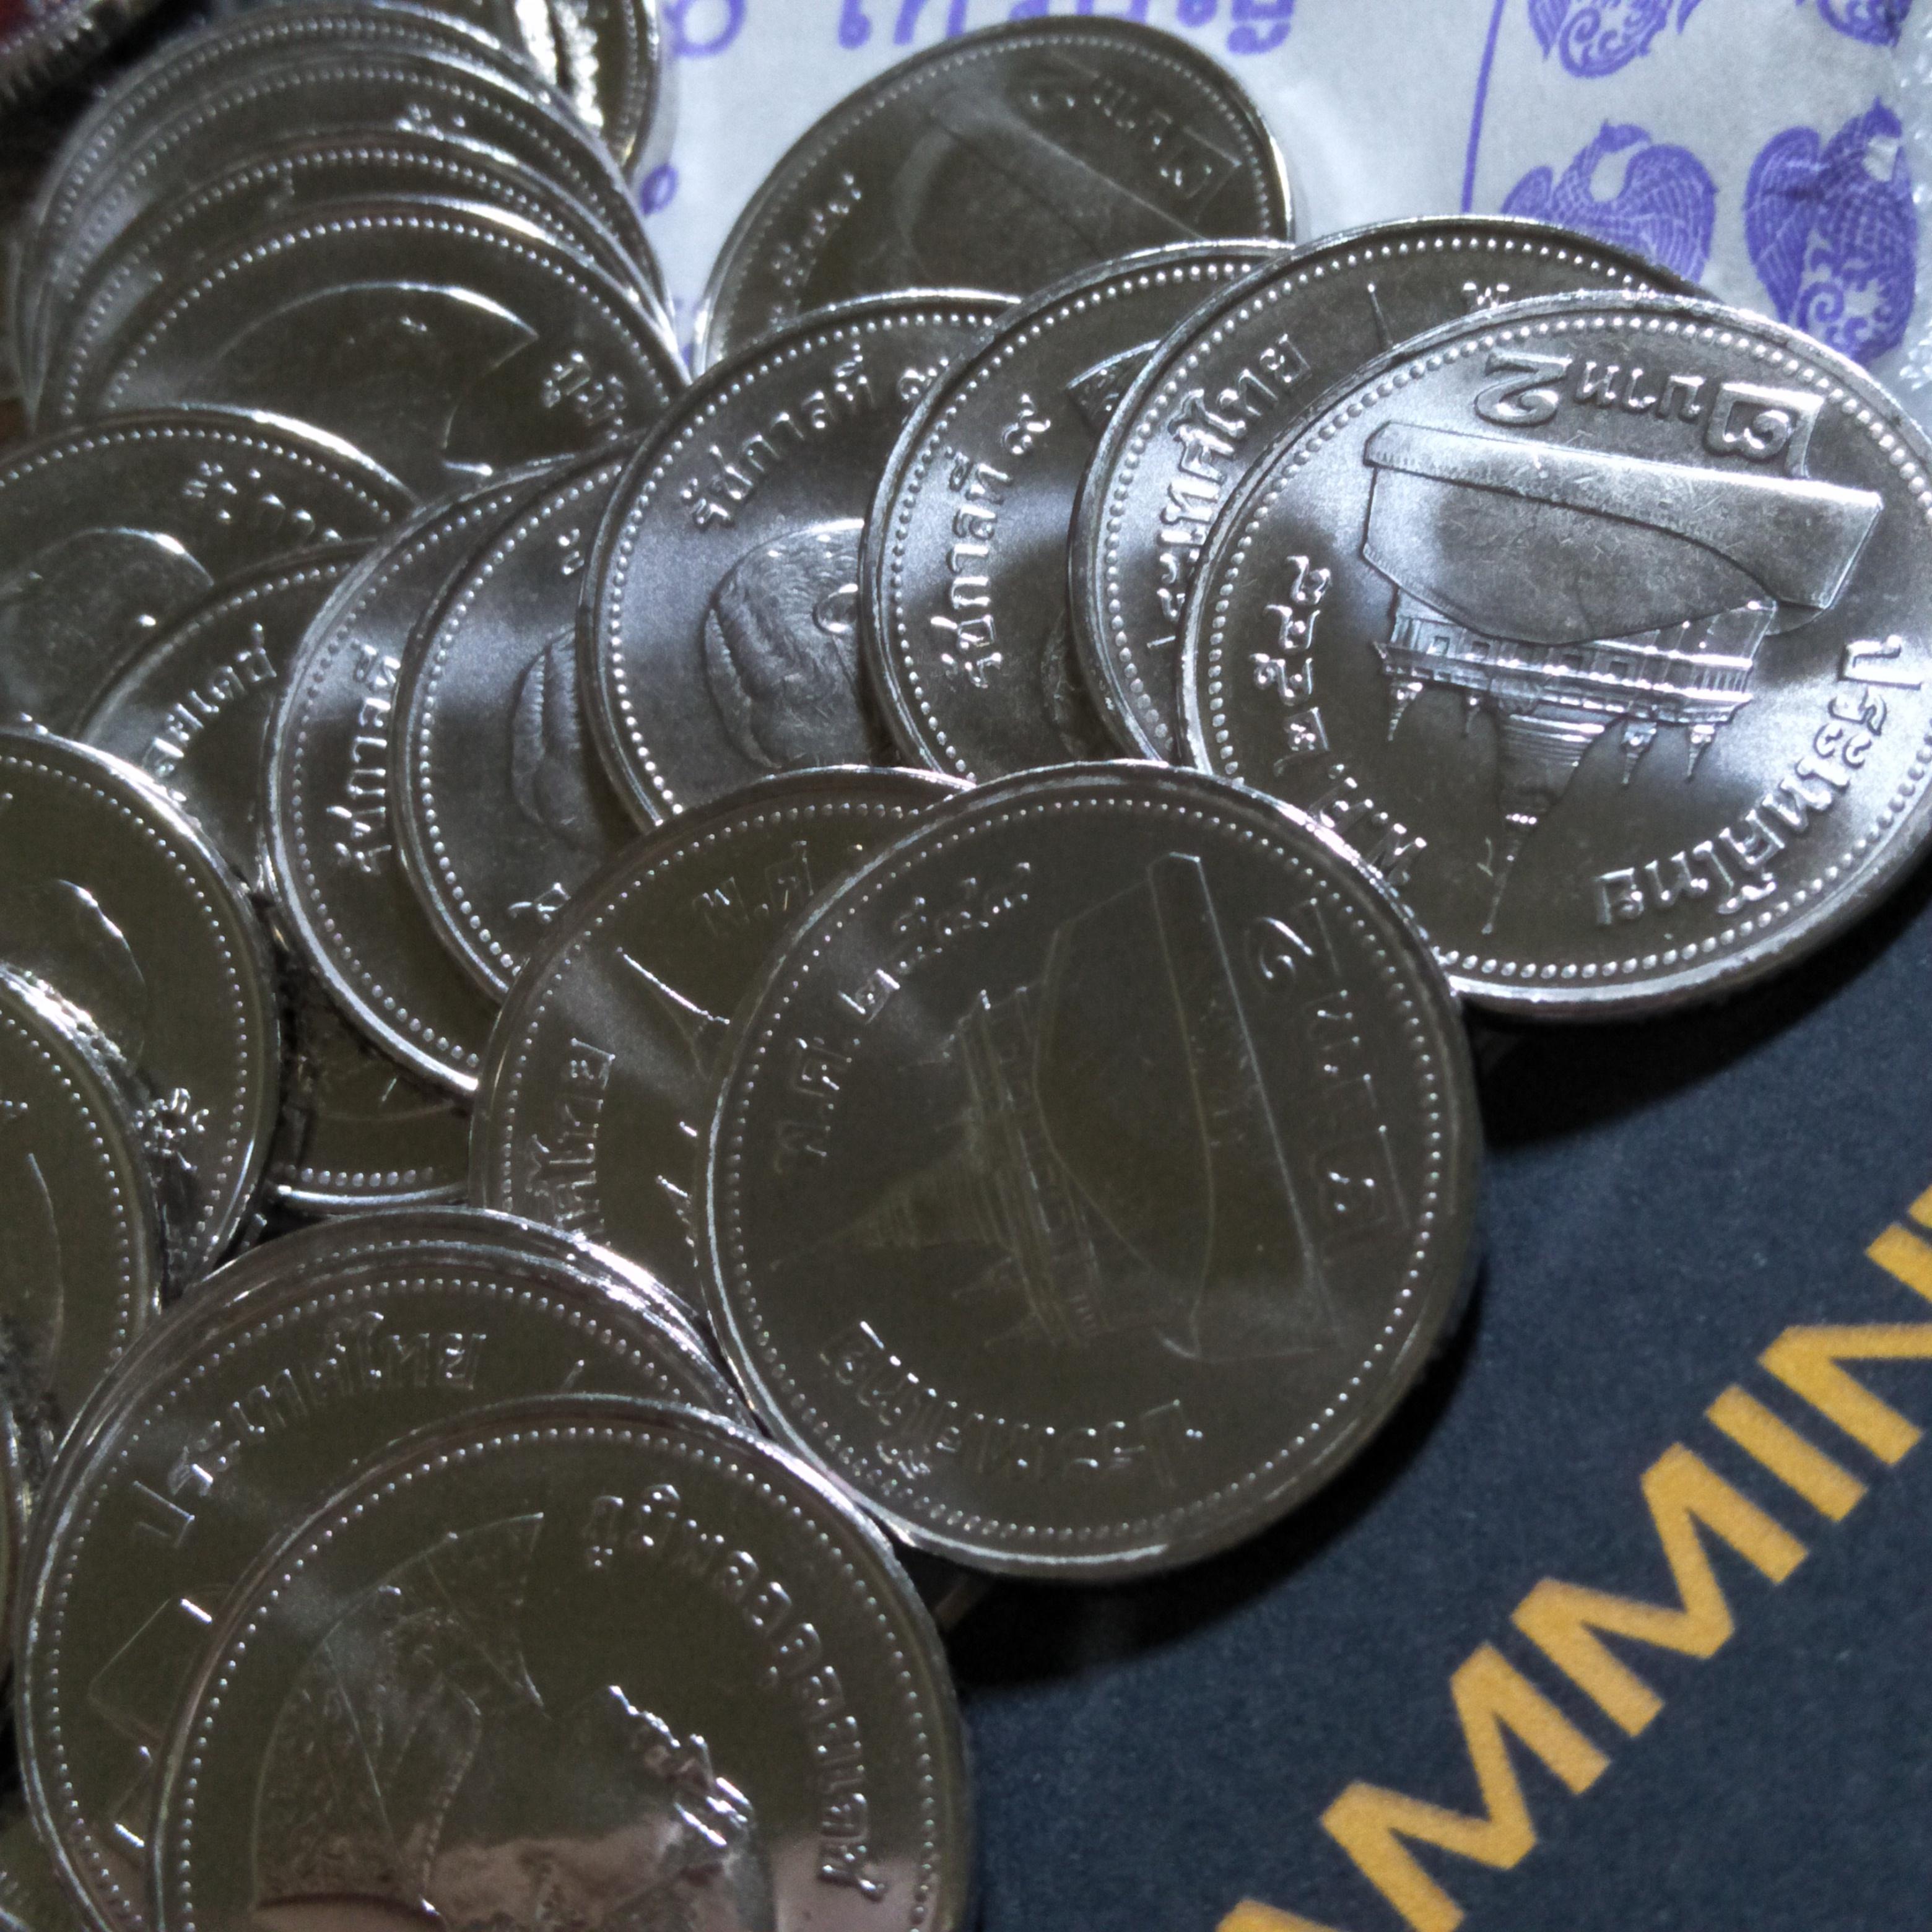 เหรียญ 2 บาท 2548 ไม่ผ่านใช้ UNC